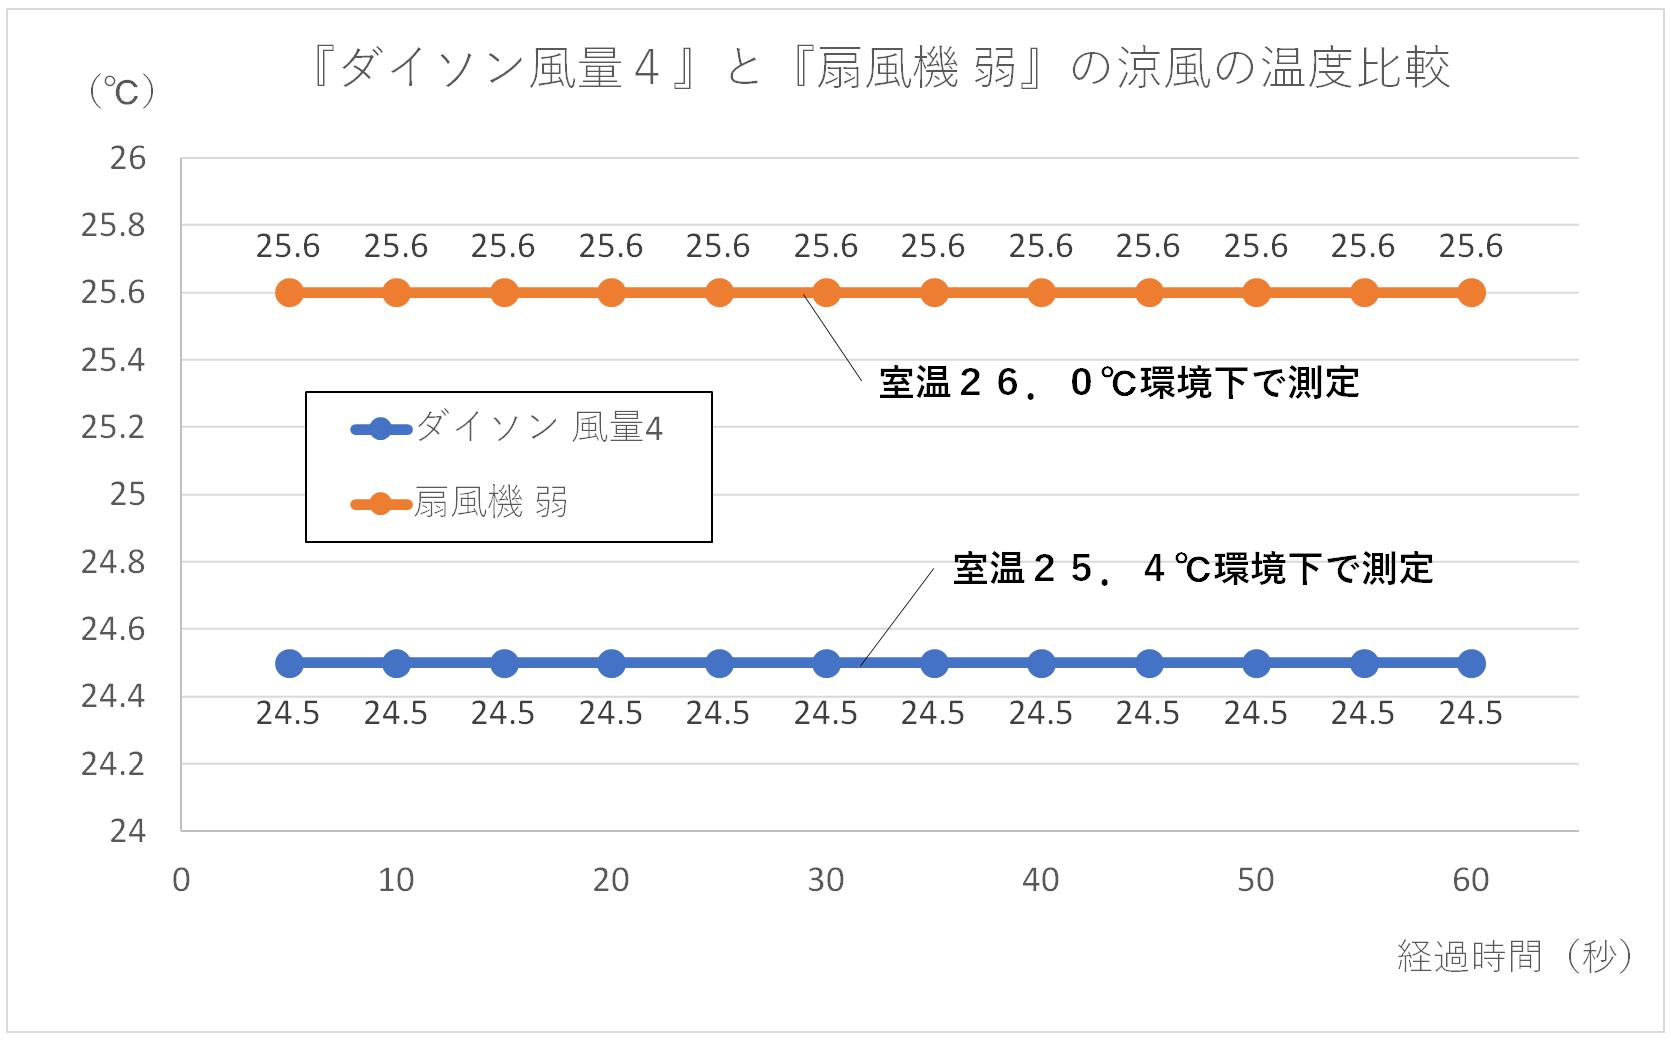 ダイソン風量4と扇風機弱の風の温度を比較したグラフ